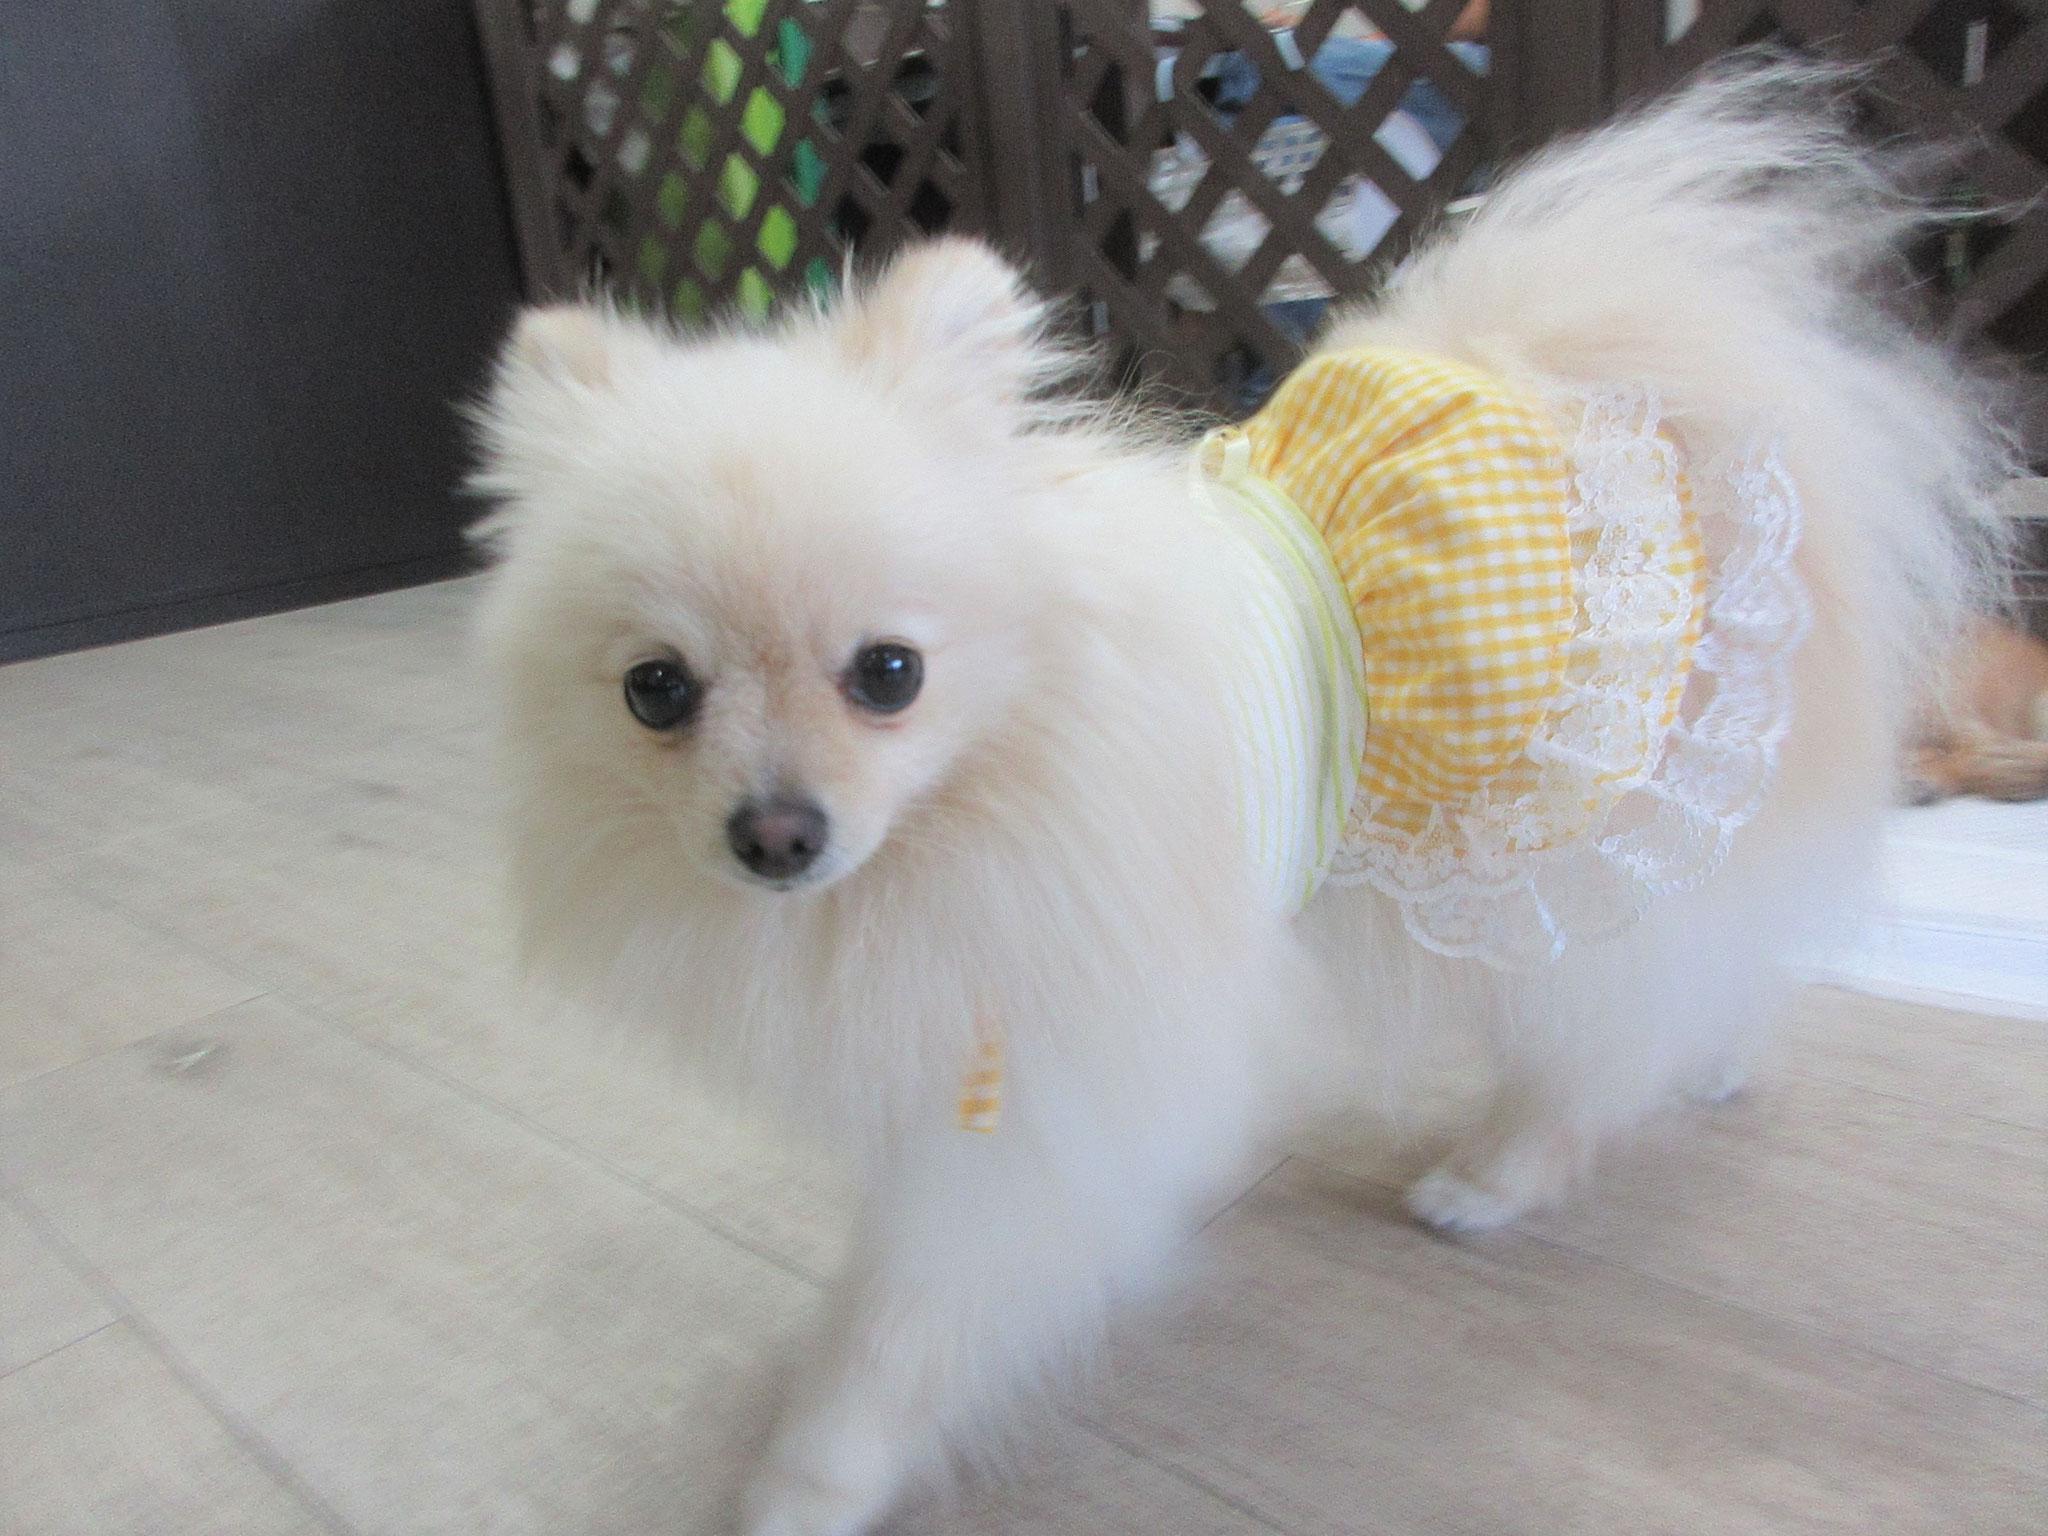 リンちゃん・犬の保育園Baby・犬・犬のしつけ・犬の社会化・習志野市・八千代市・船橋